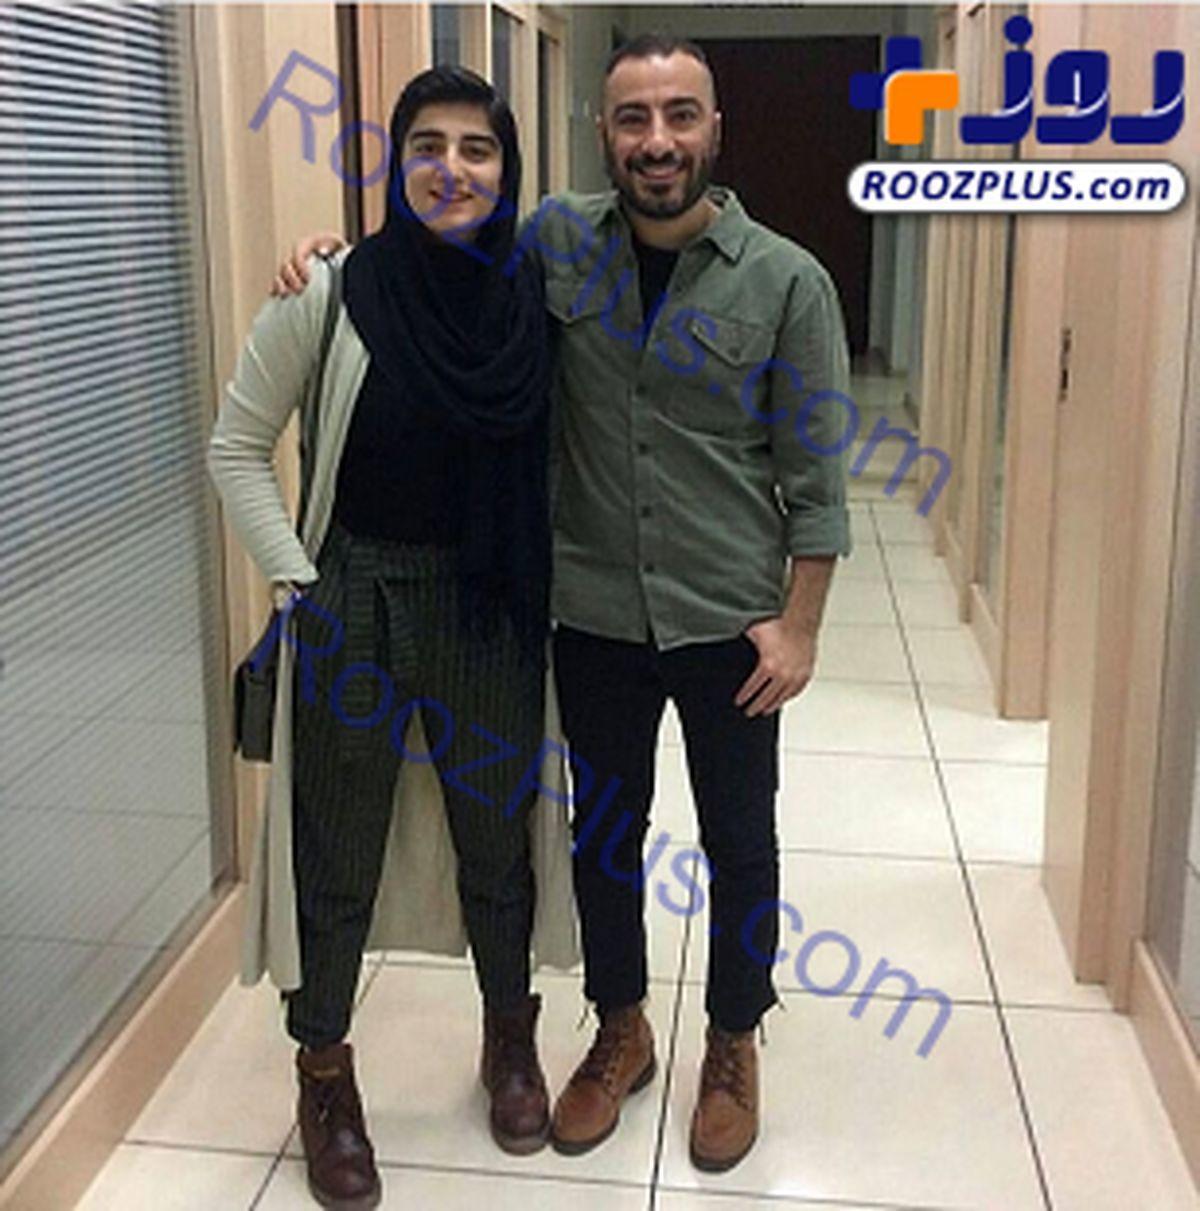 نوید محمدزاده تصویر بدون آرایش همسرش را منتشر کرد + عکس